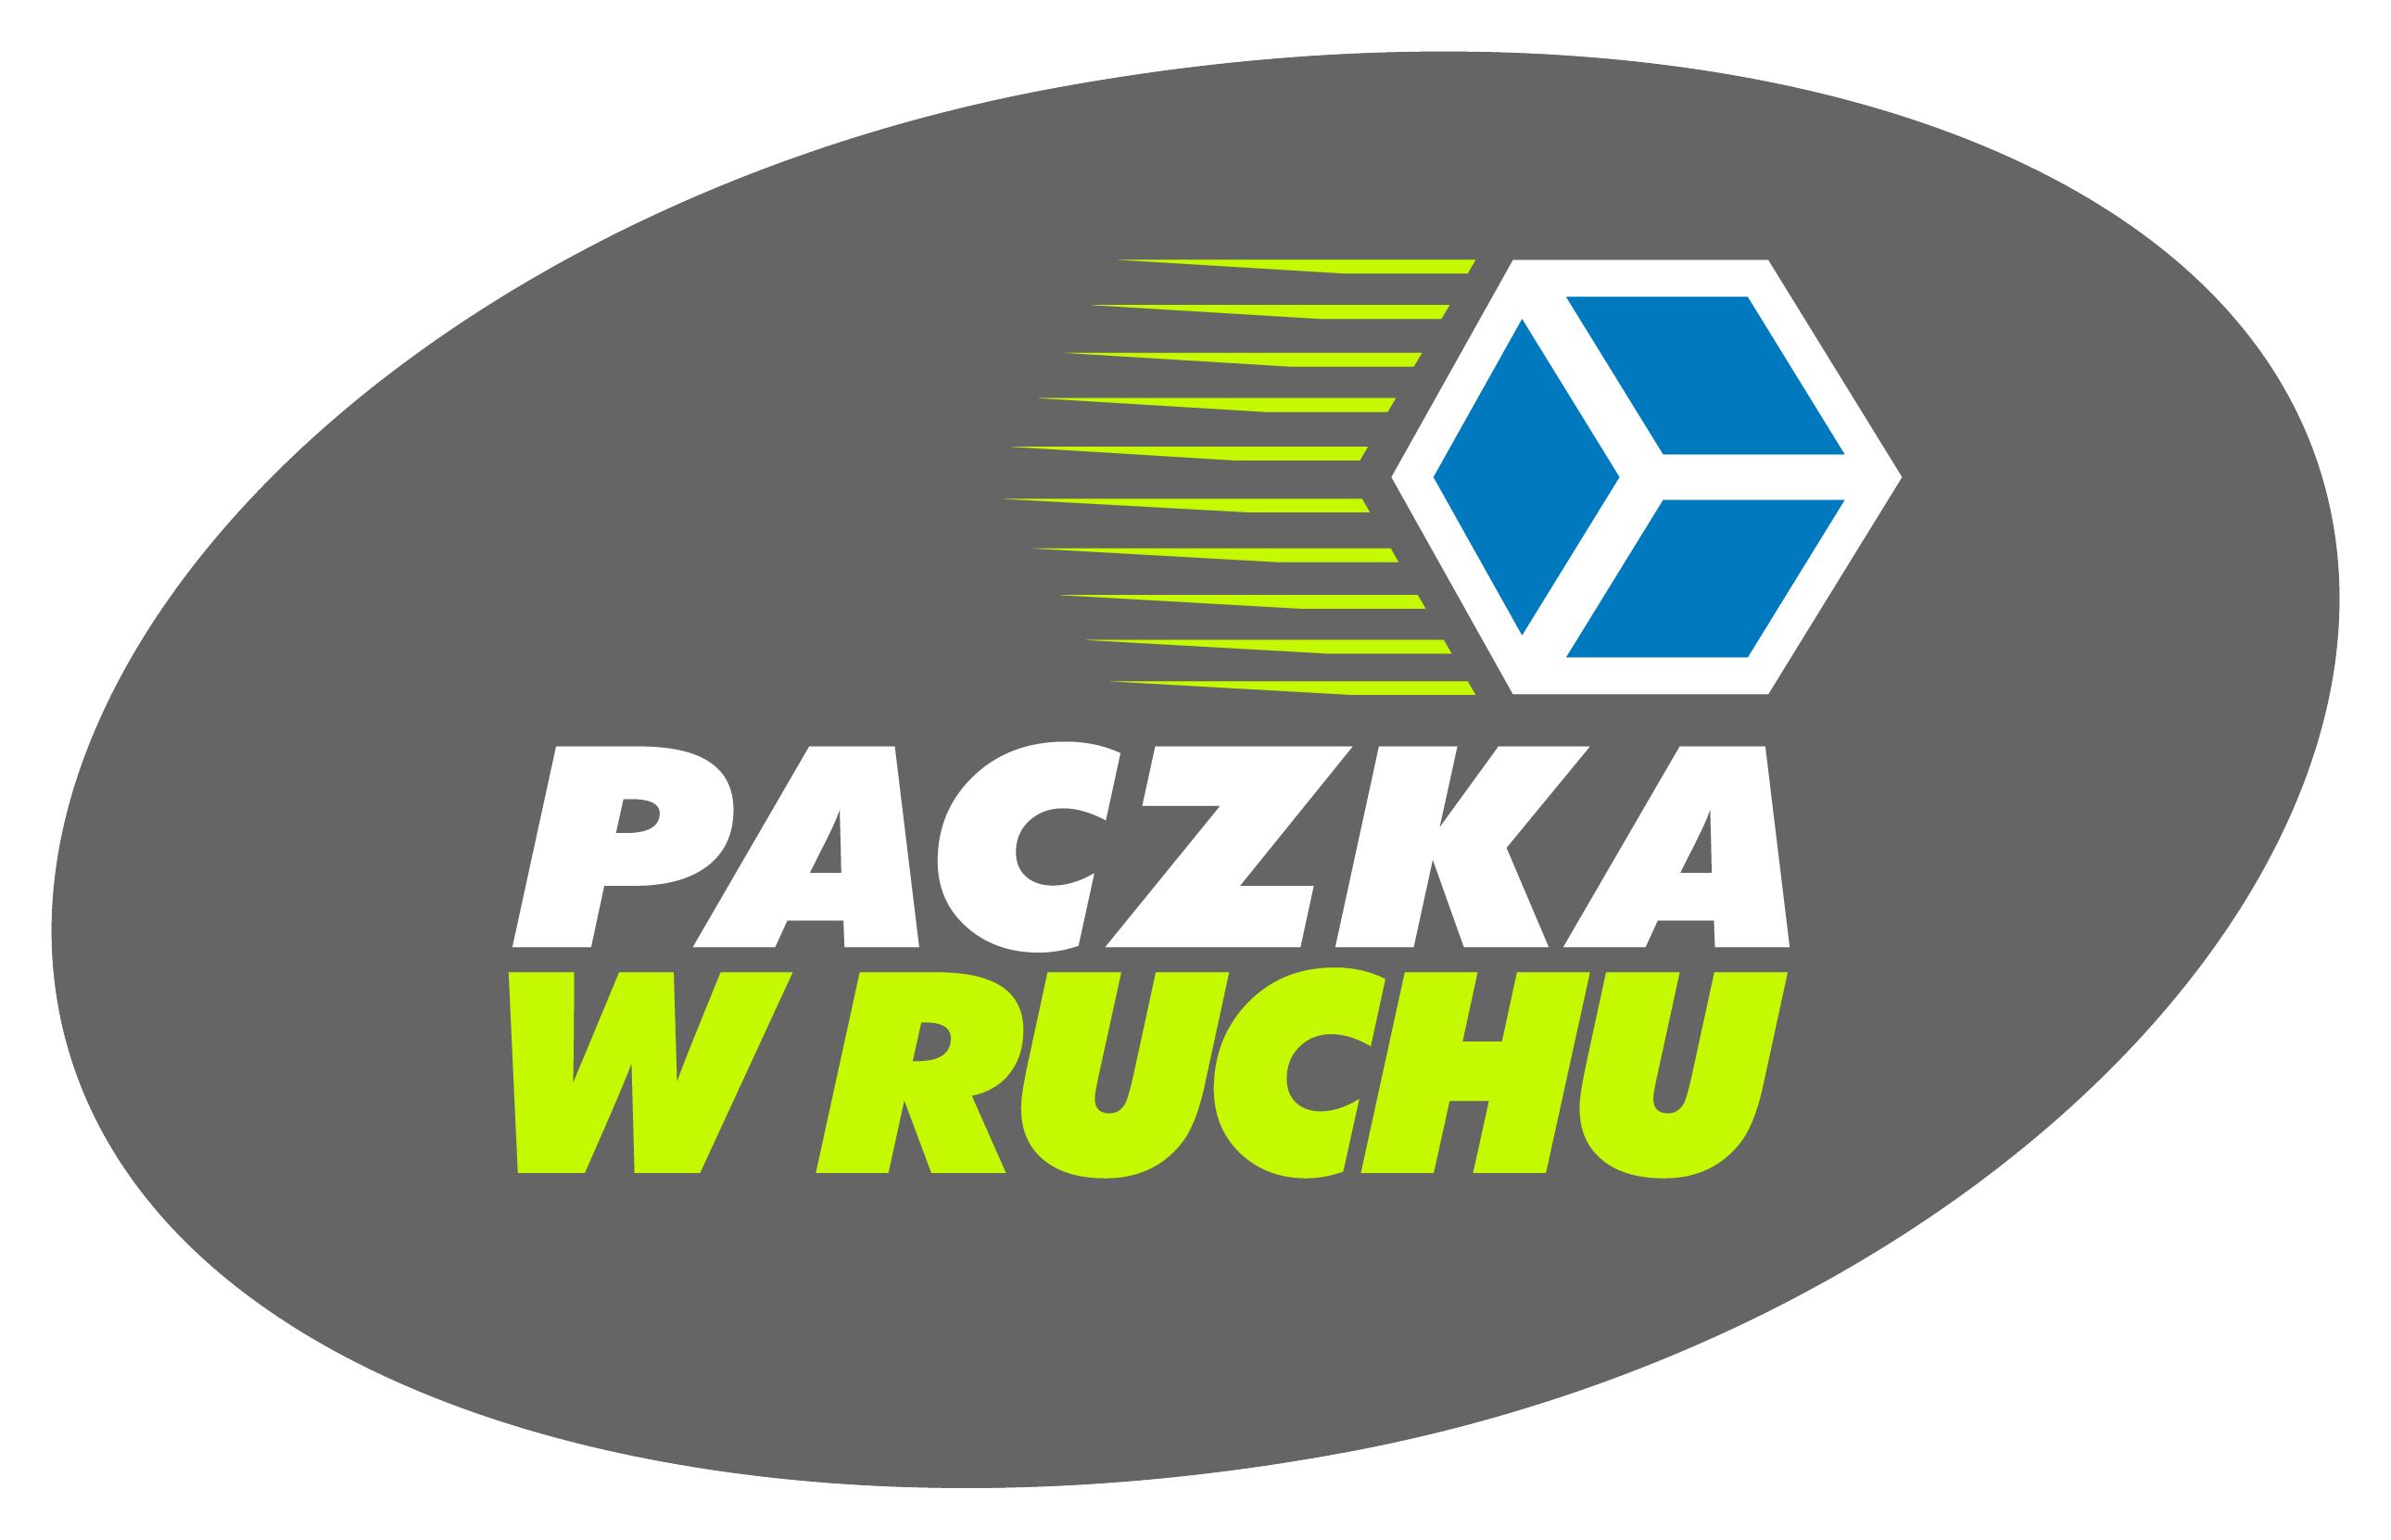 PACZKA_W_RUCHU_RGB.png